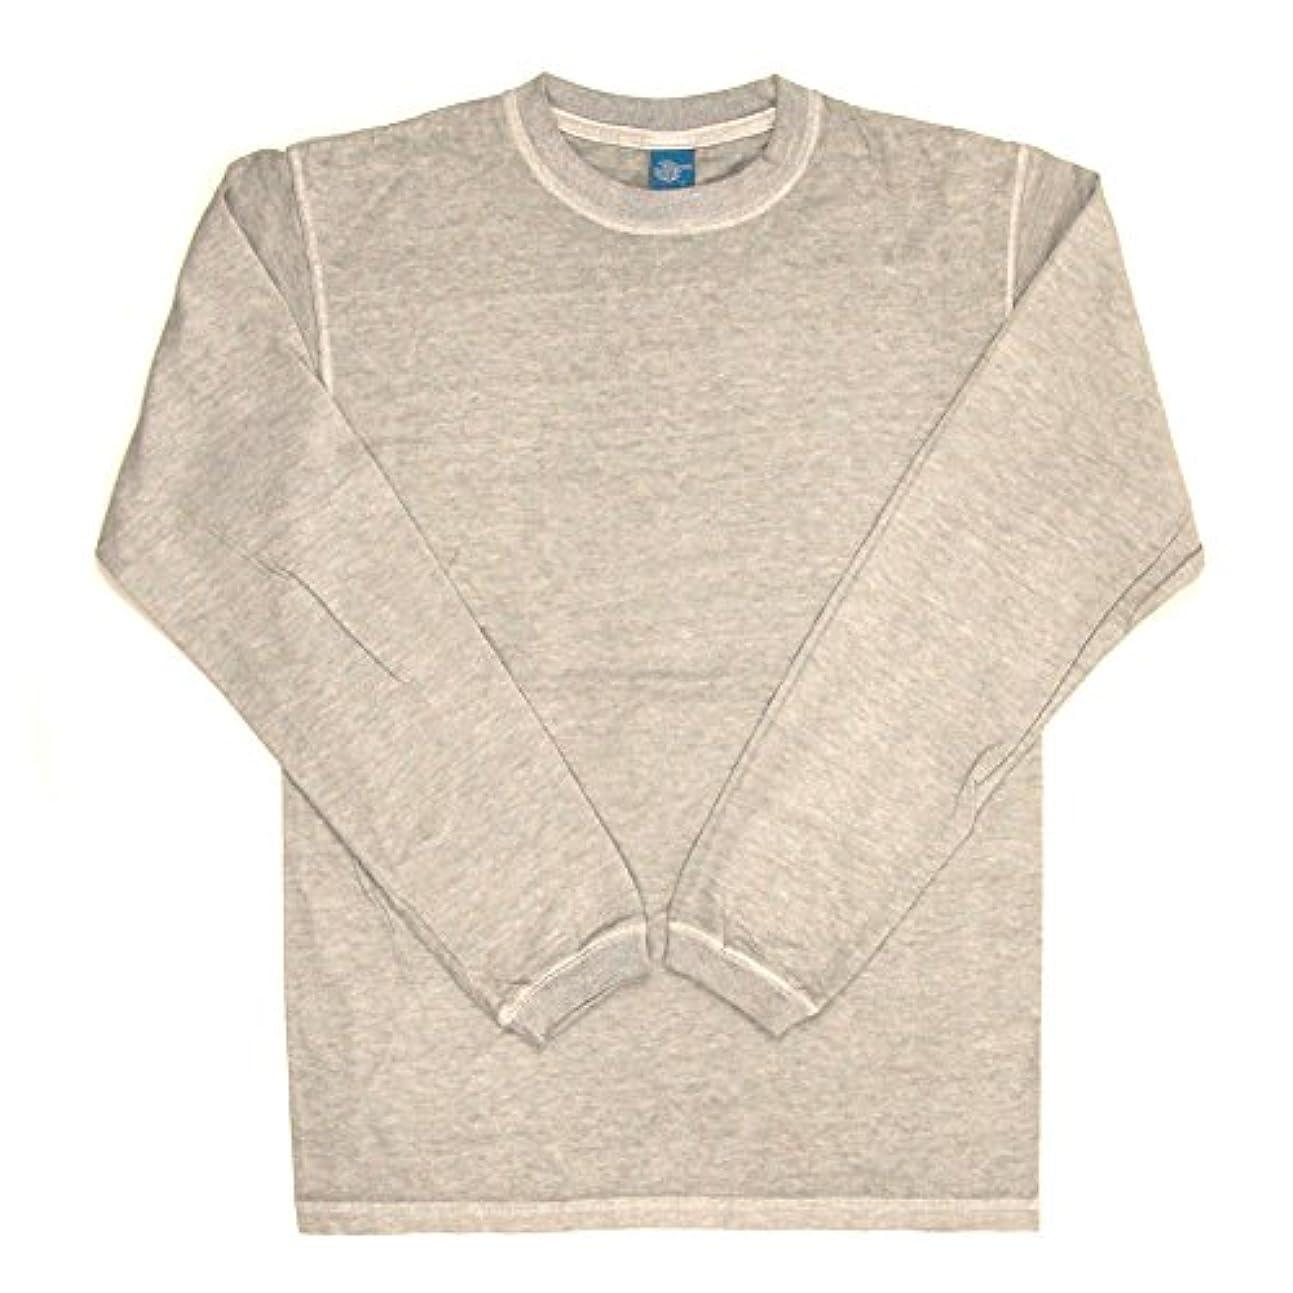 嬉しいです君主シンプトン(グッドオン) Good On ロングスリーブ クルーネック Tシャツ ロンT カットソー メンズ レディース GOLS802